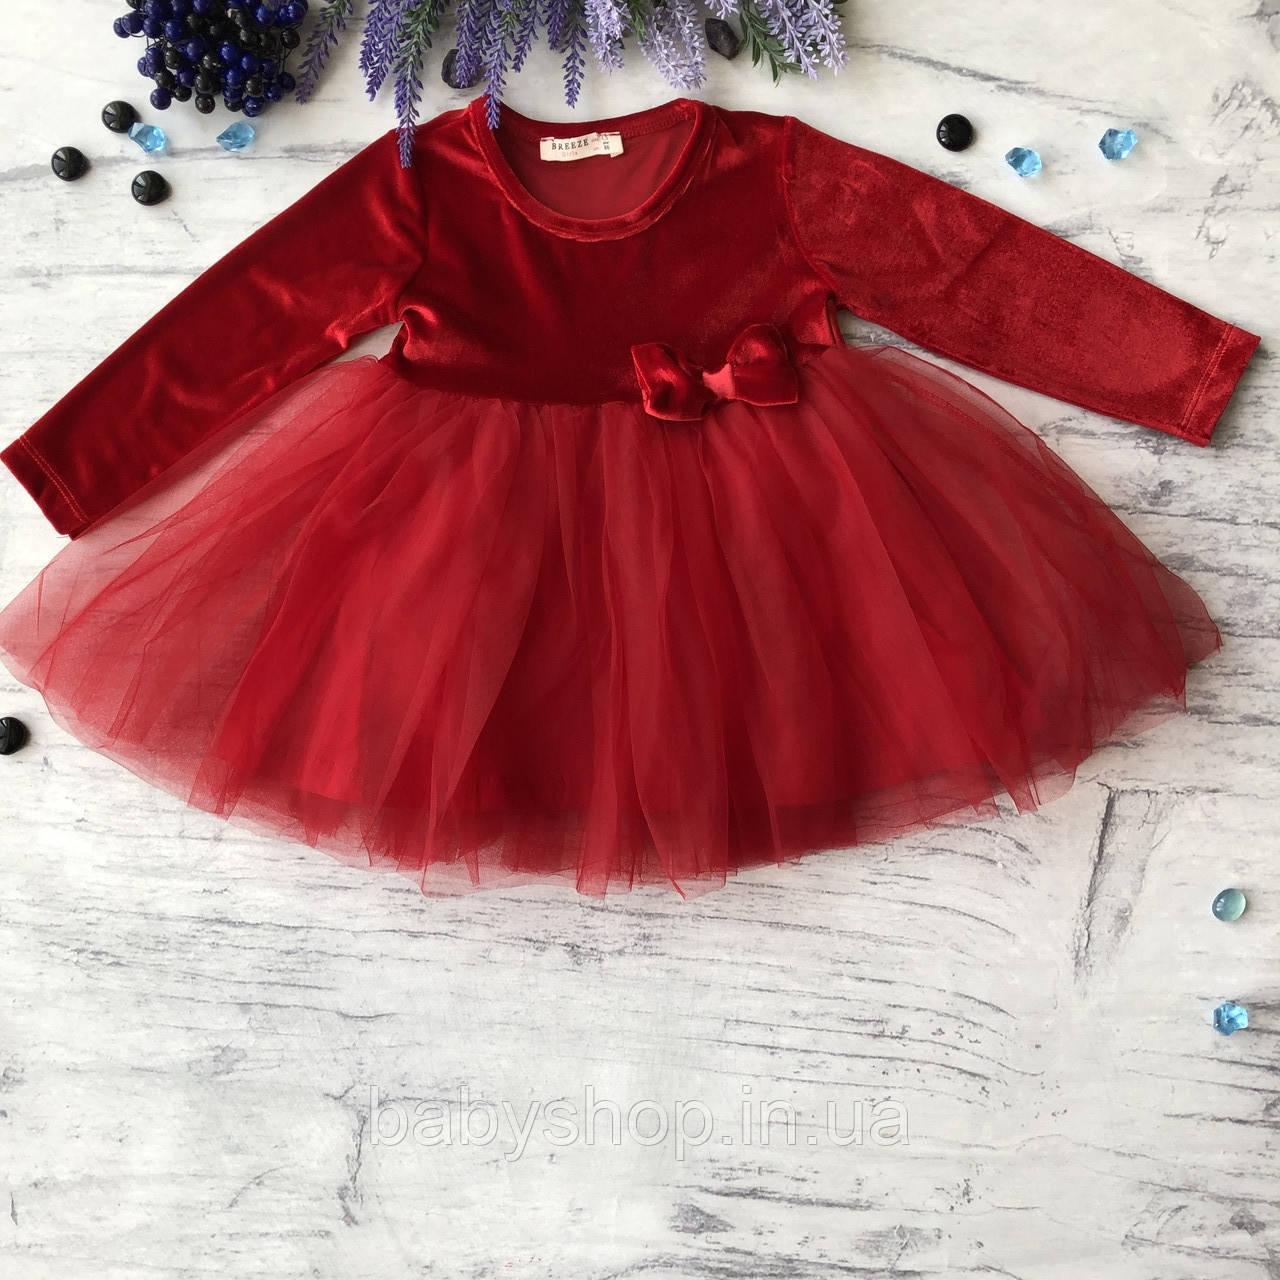 Красное пышное платье на девочку Breeze 169 . Размер 92 см, 98 см, 104 см, 110 см, 116 см, фото 1